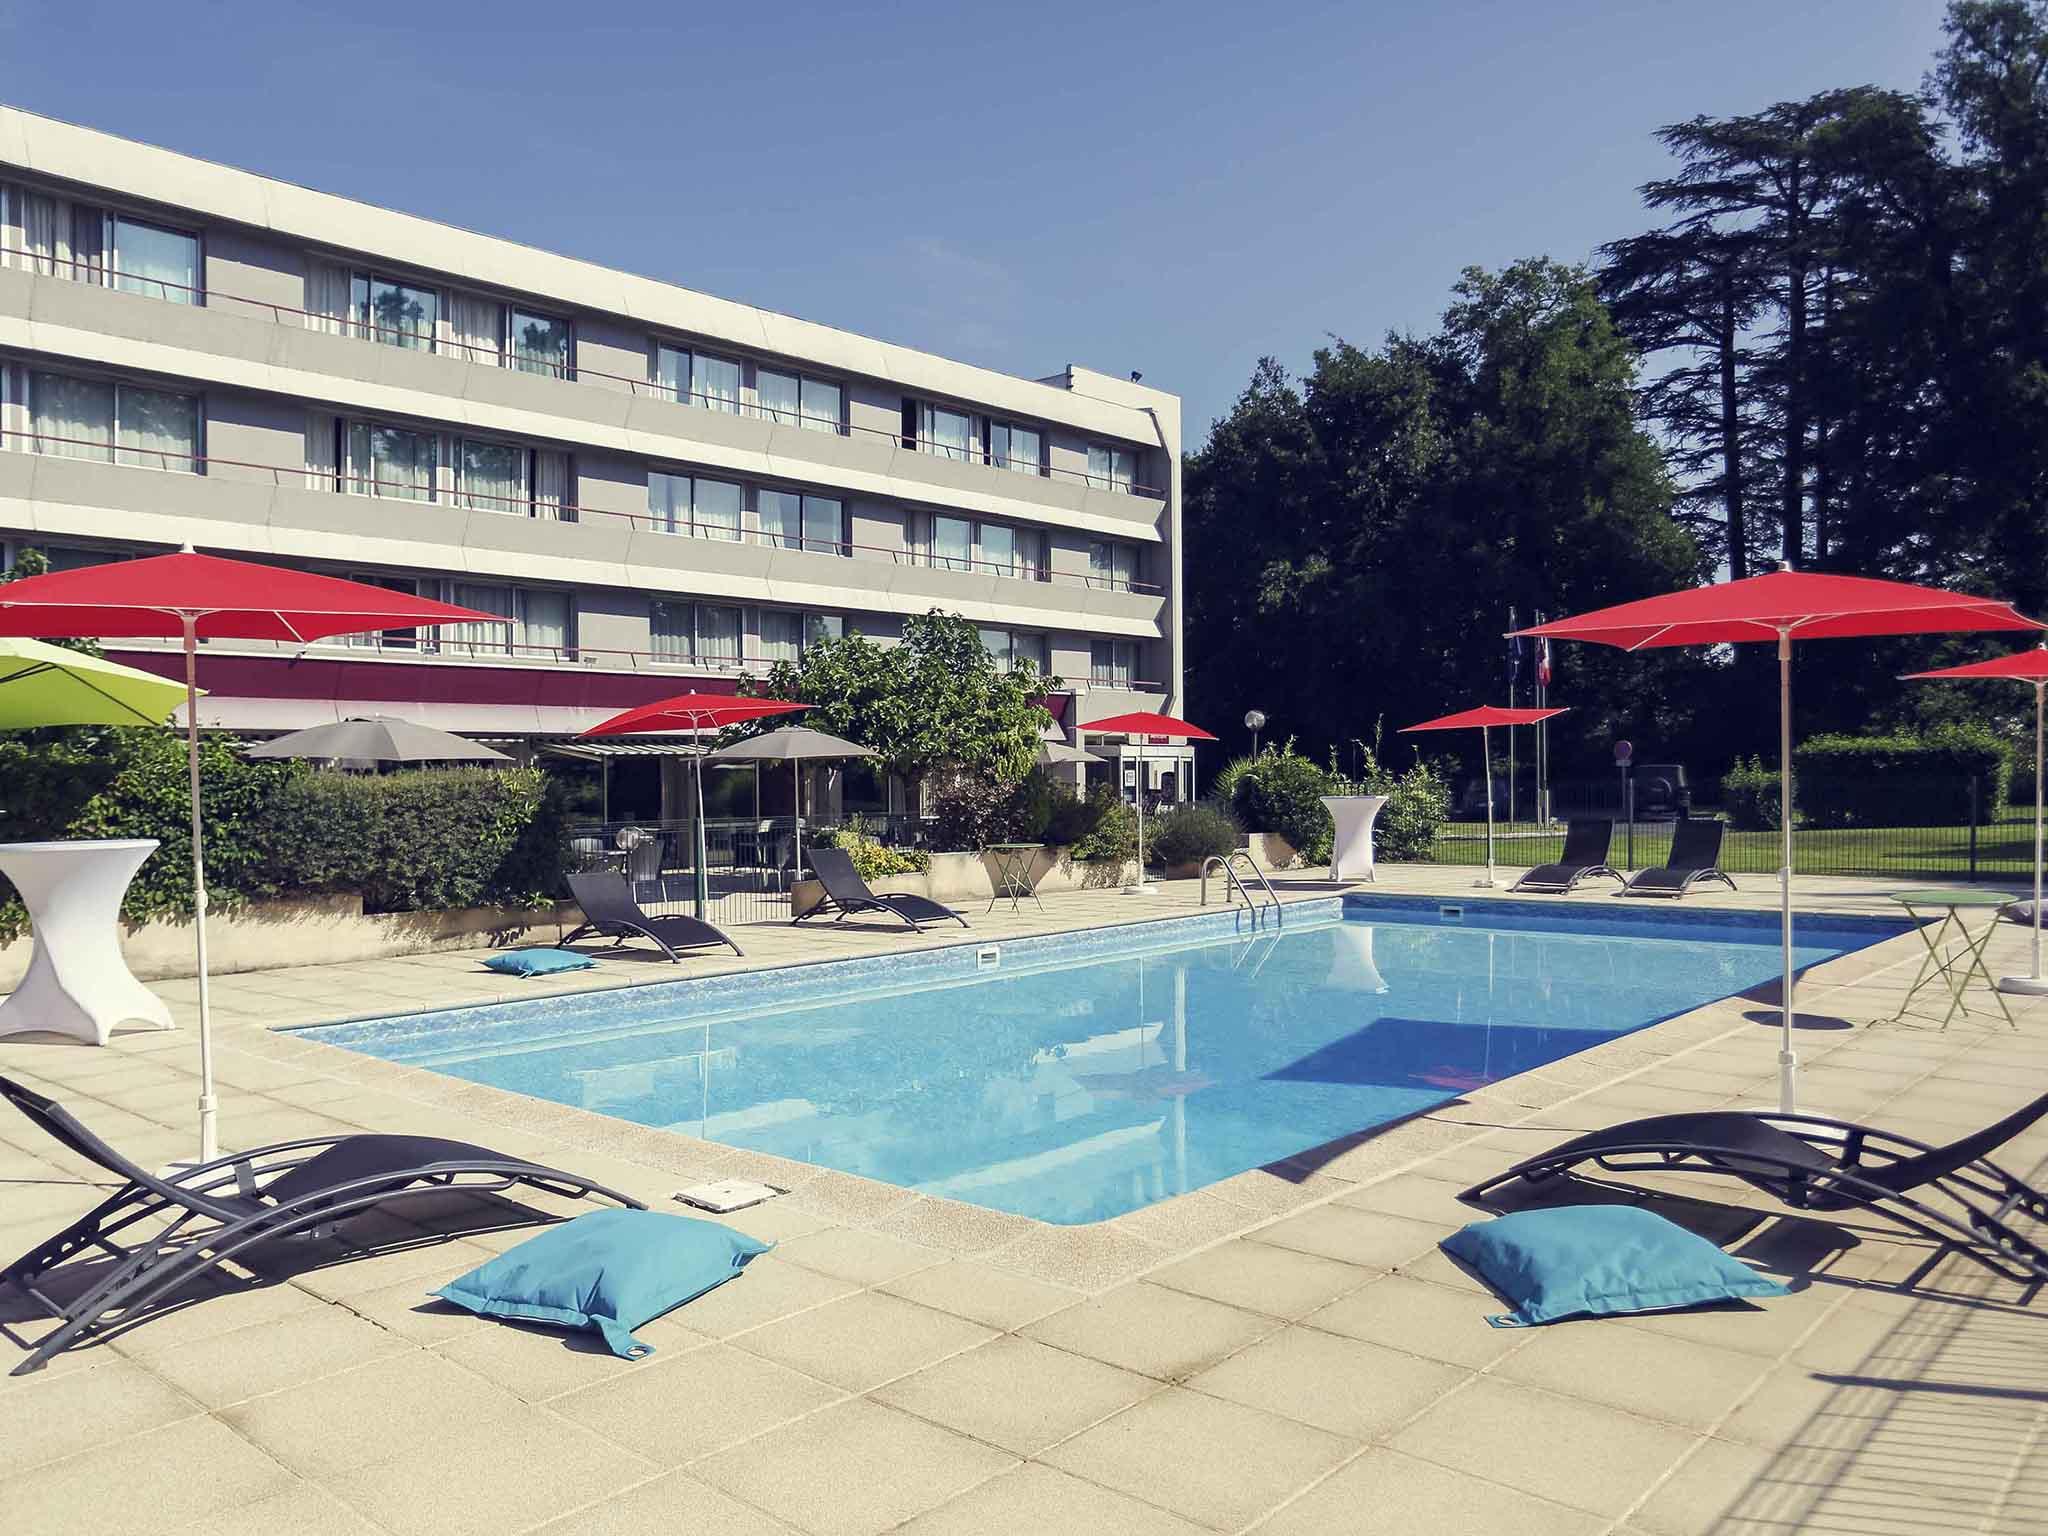 Hotel in ussac mercure brive hotel for Le jardin hotel mercure